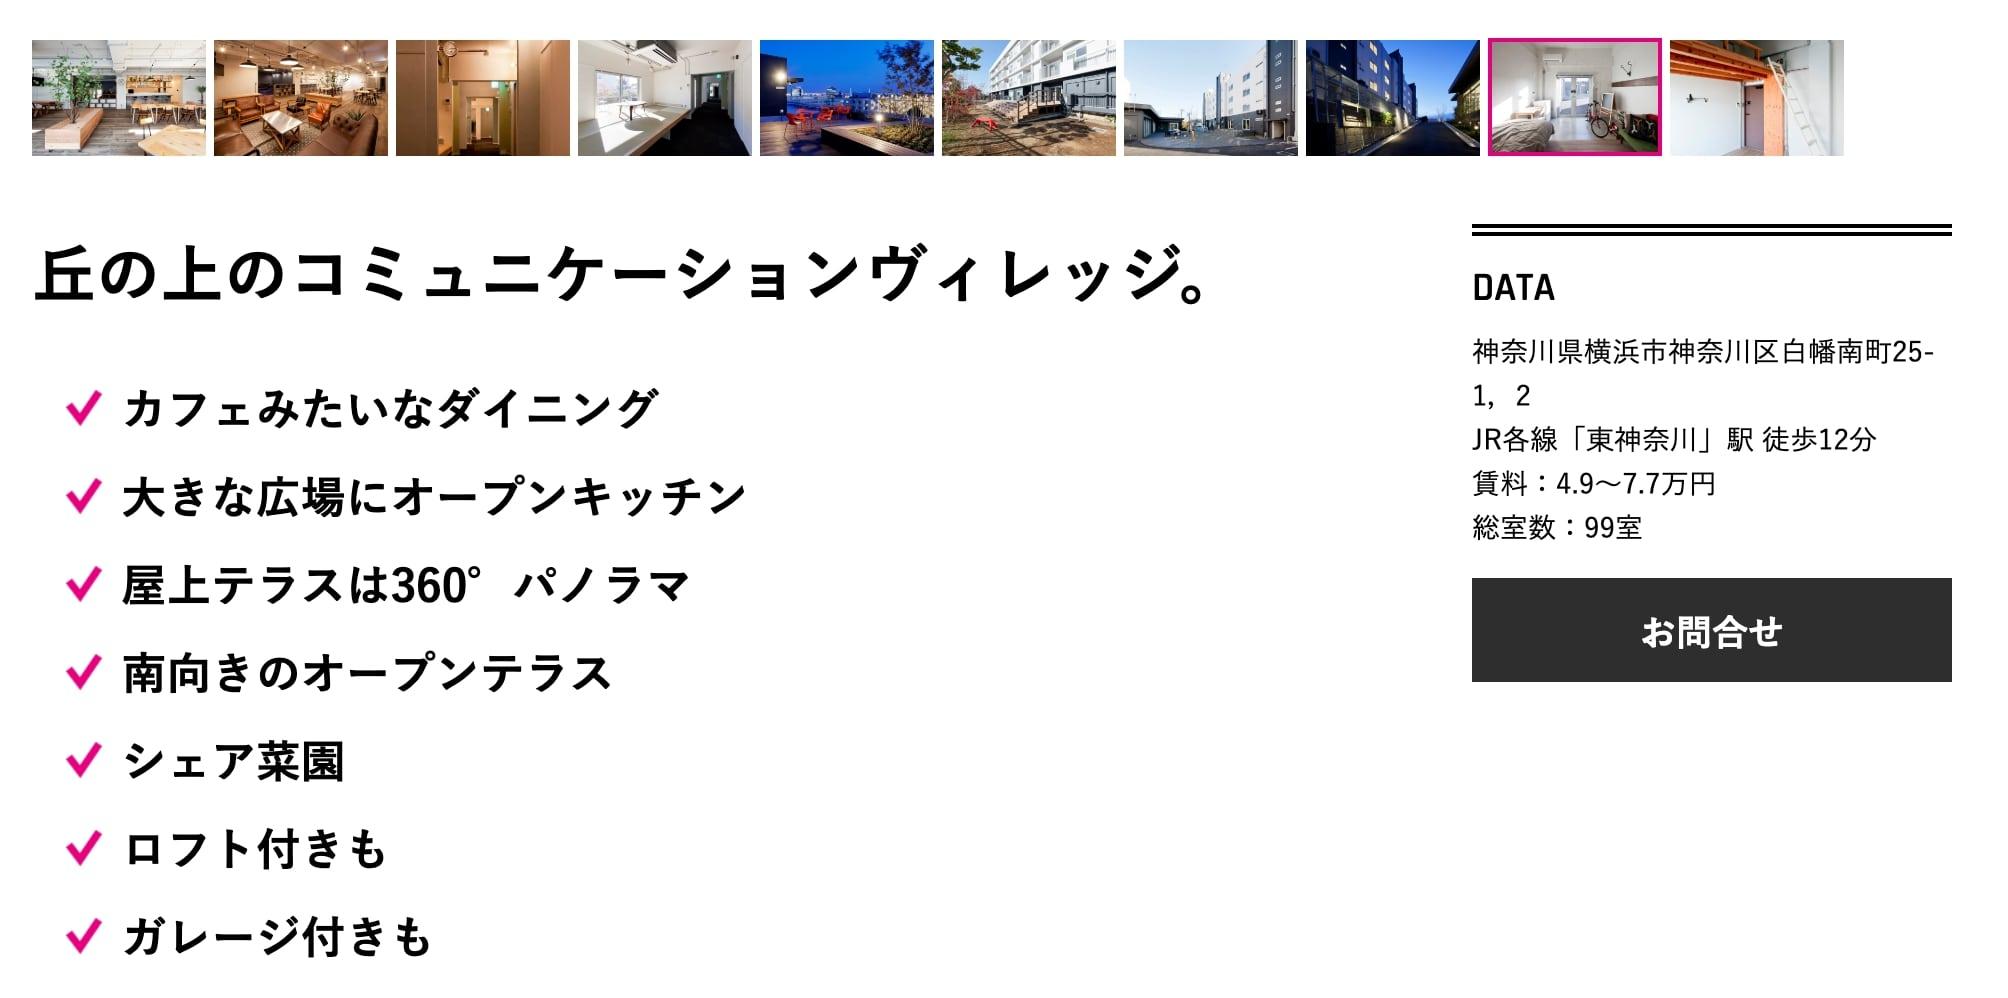 シェアプレイス東神奈川99